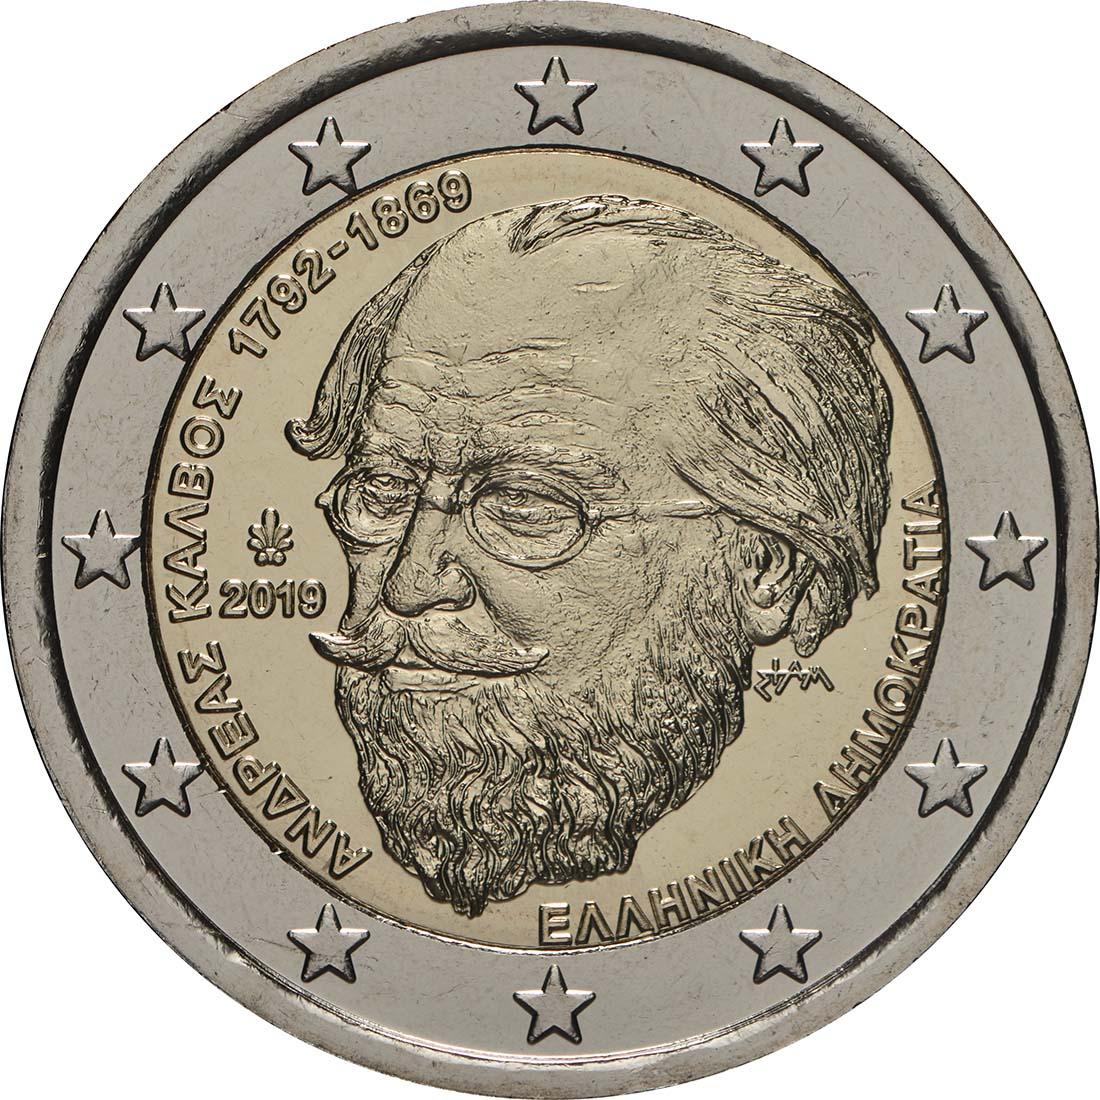 2019 350 Griechenland Kalvos.jpg